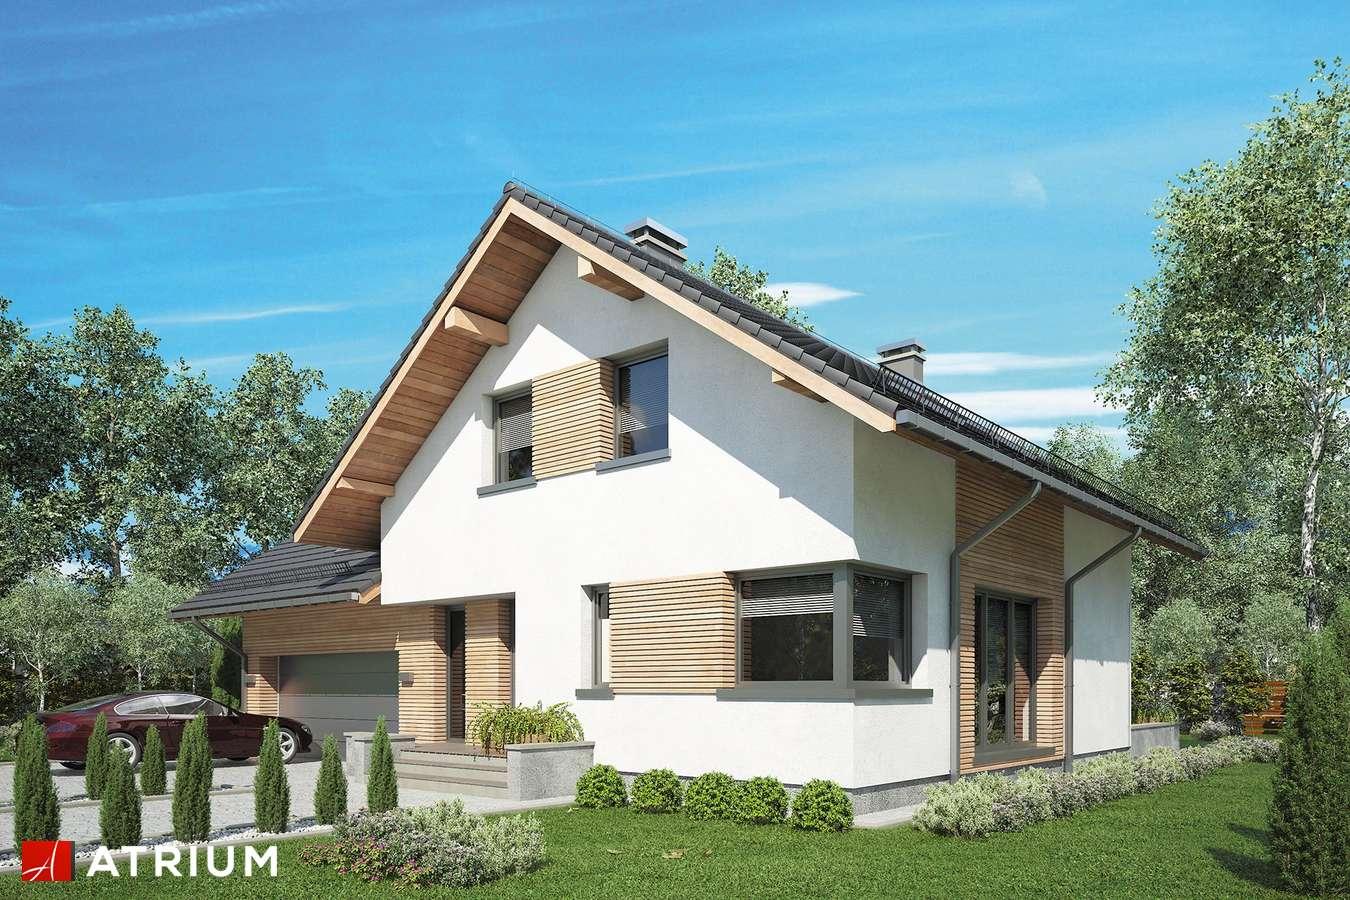 Projekty domów - Projekt domu z poddaszem MALBEC II - wizualizacja 1 - wersja lustrzana